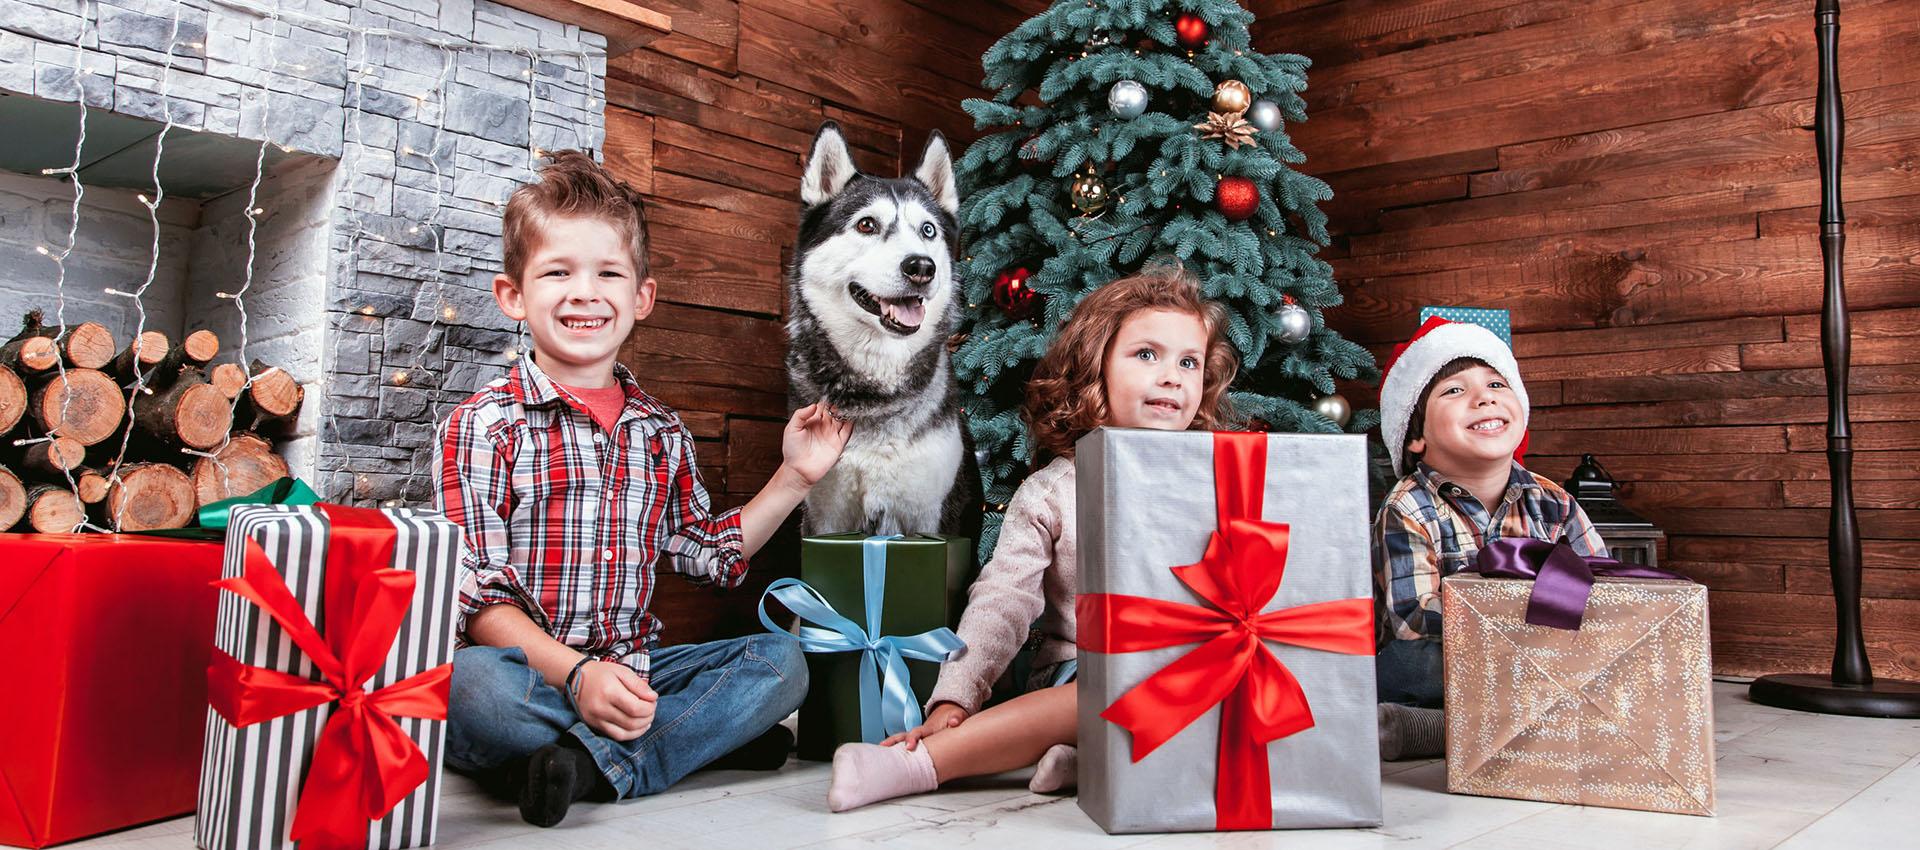 Weihnachten Fliesen Naturstein